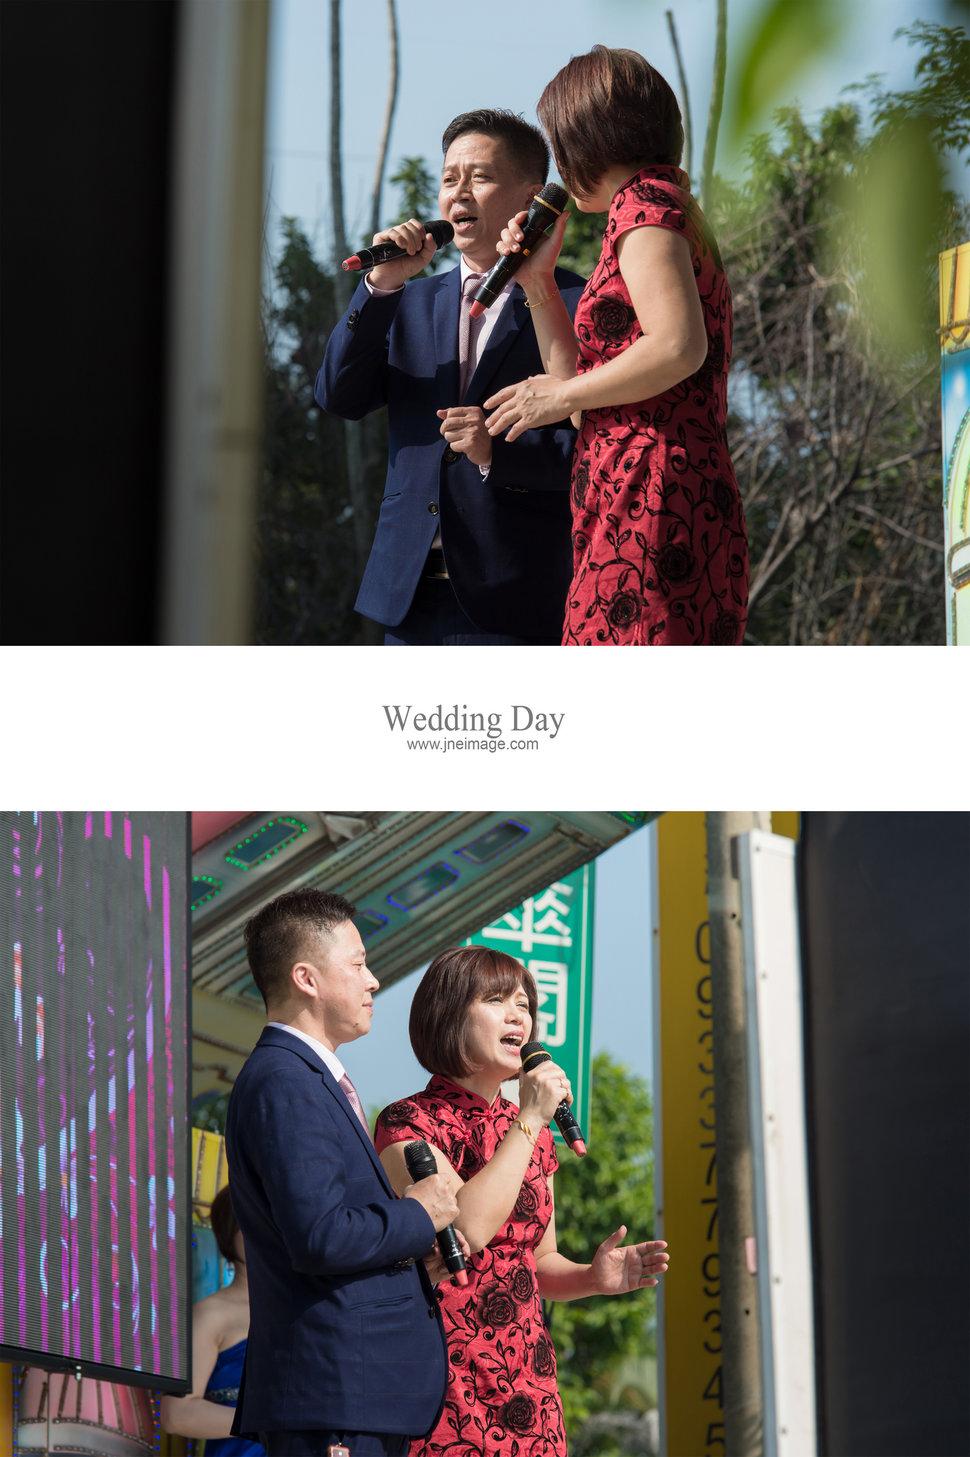 _JNE0069 - J&E Image Studio - 結婚吧